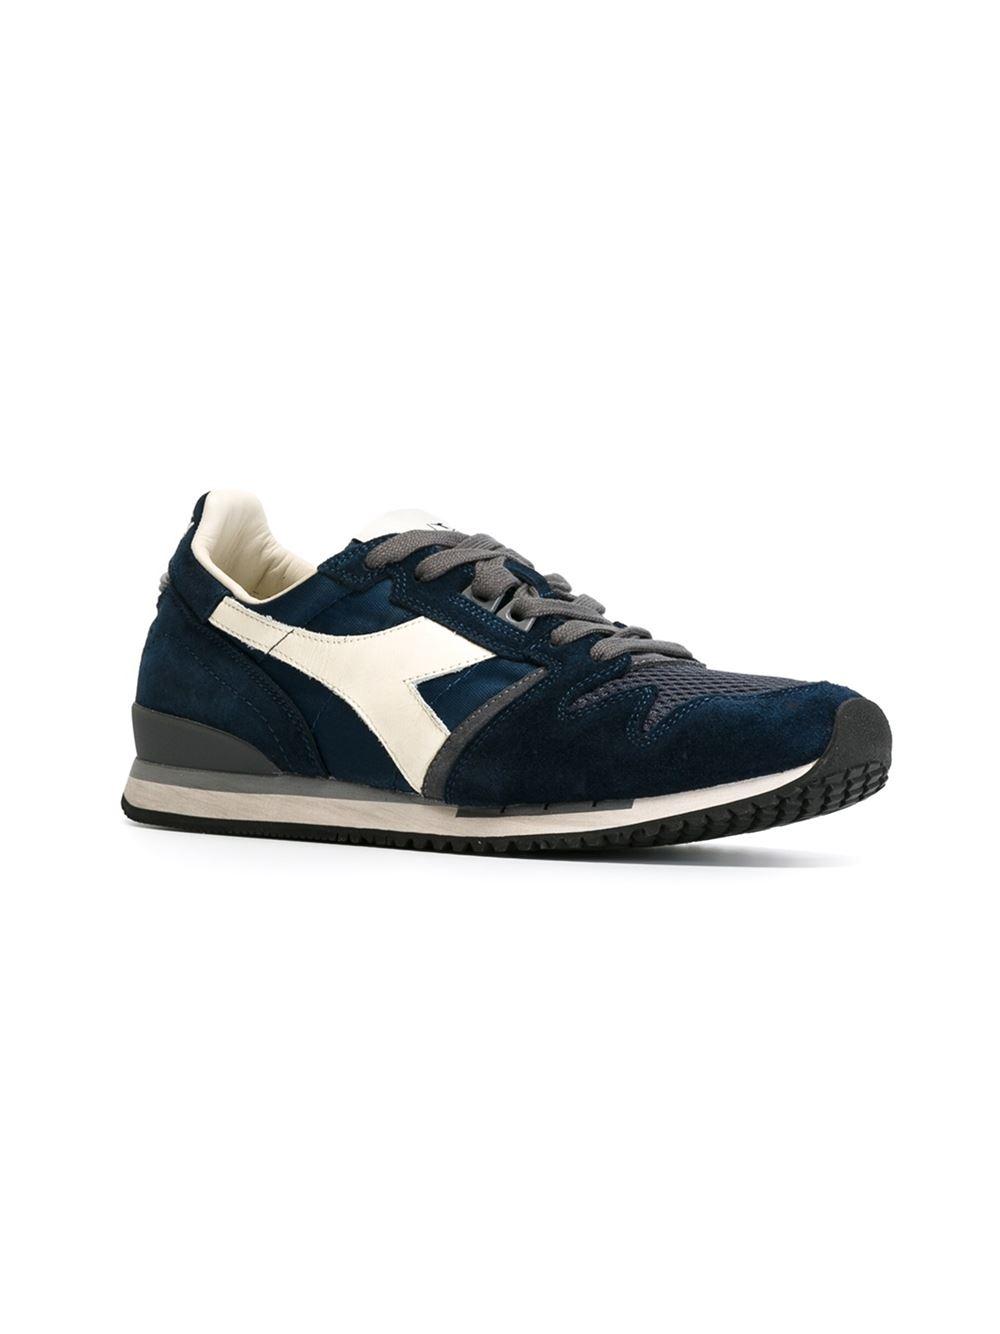 diadora sneakers - photo #25